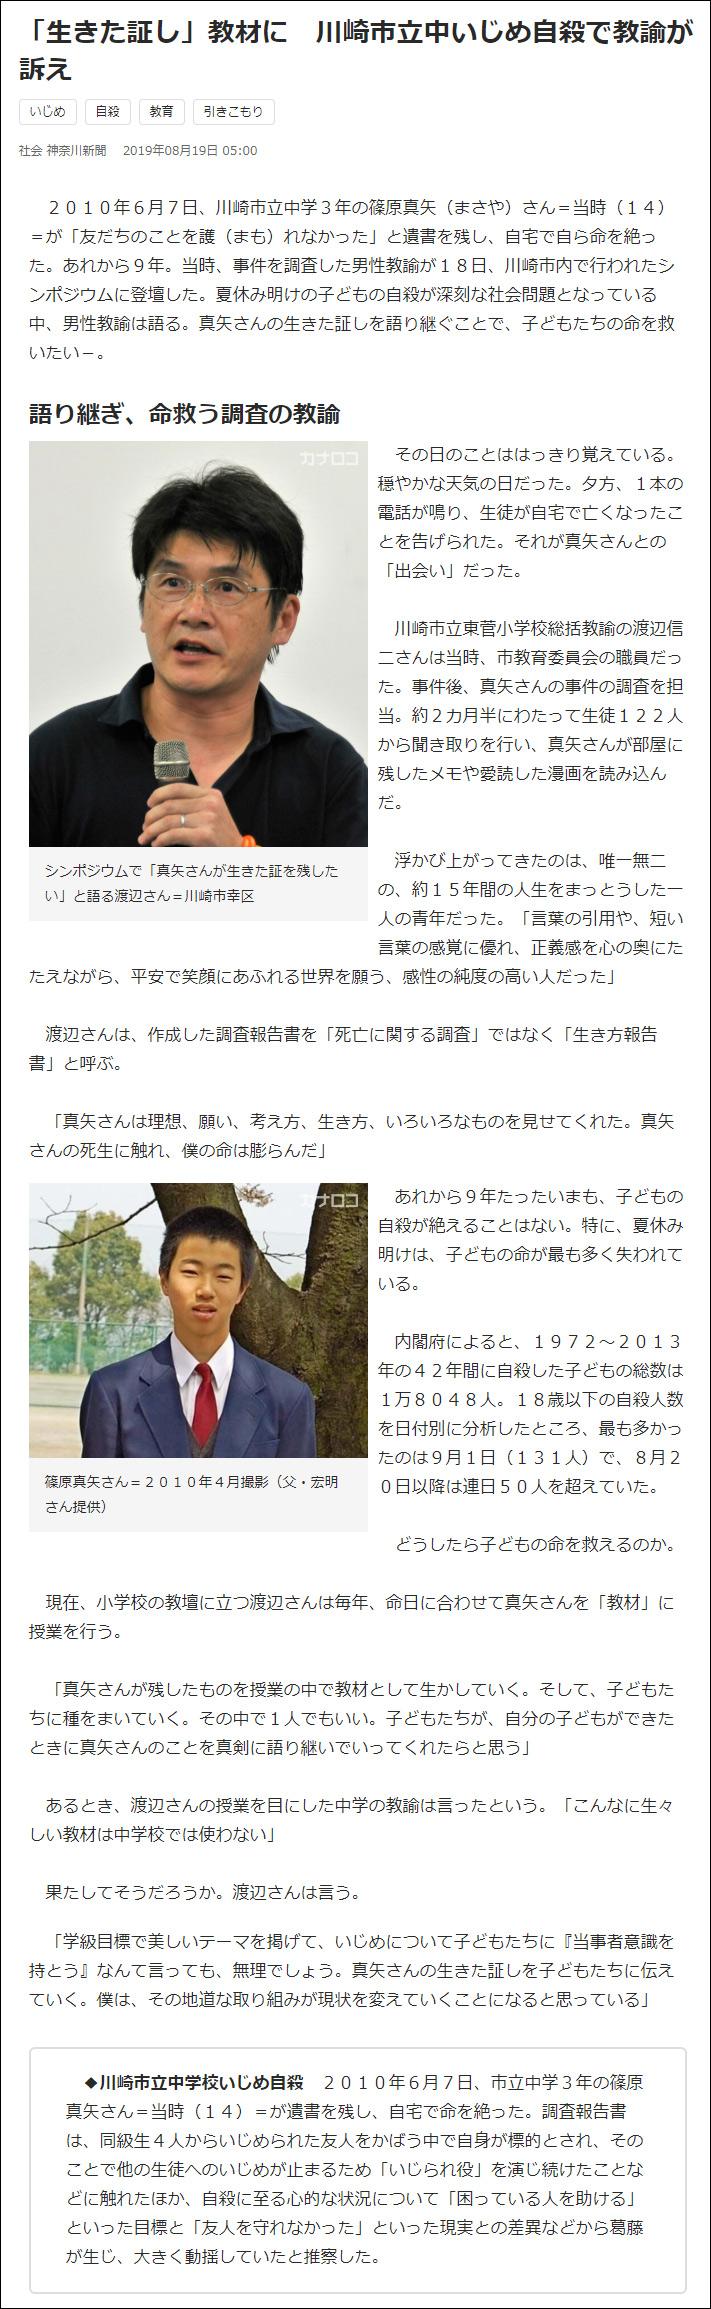 一般社団法人 ここから未来:カナコロ、2019年8月19日「『生きた証し』教材に 川崎市立中いじめ自殺で教諭が訴え」